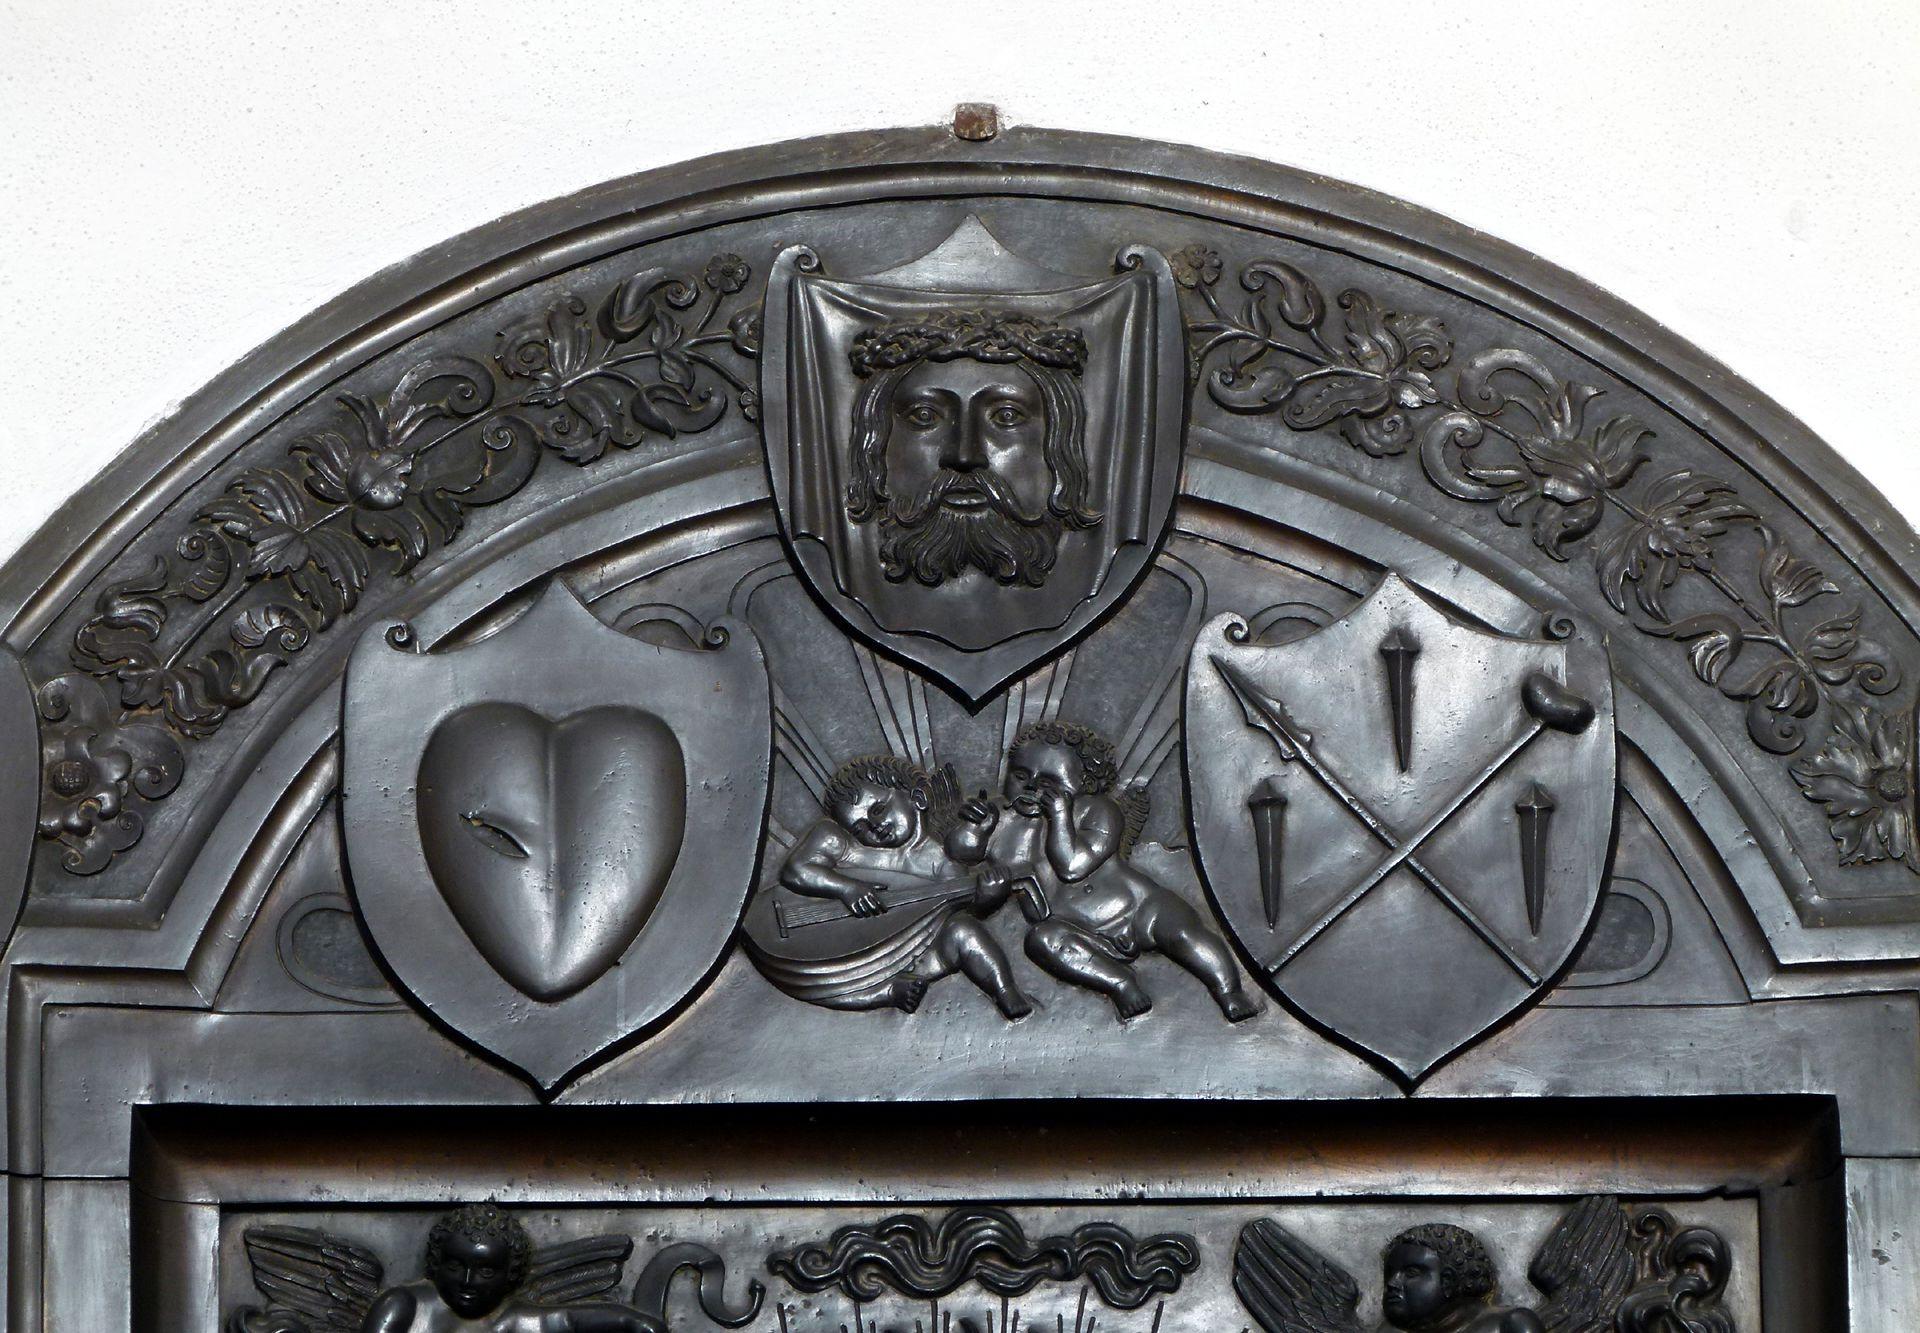 Gedächtnisanlage des Albrecht v. Brandenburg: Maria auf der Mondsichel Maria auf der Mondsichel, Plattenbekrönung